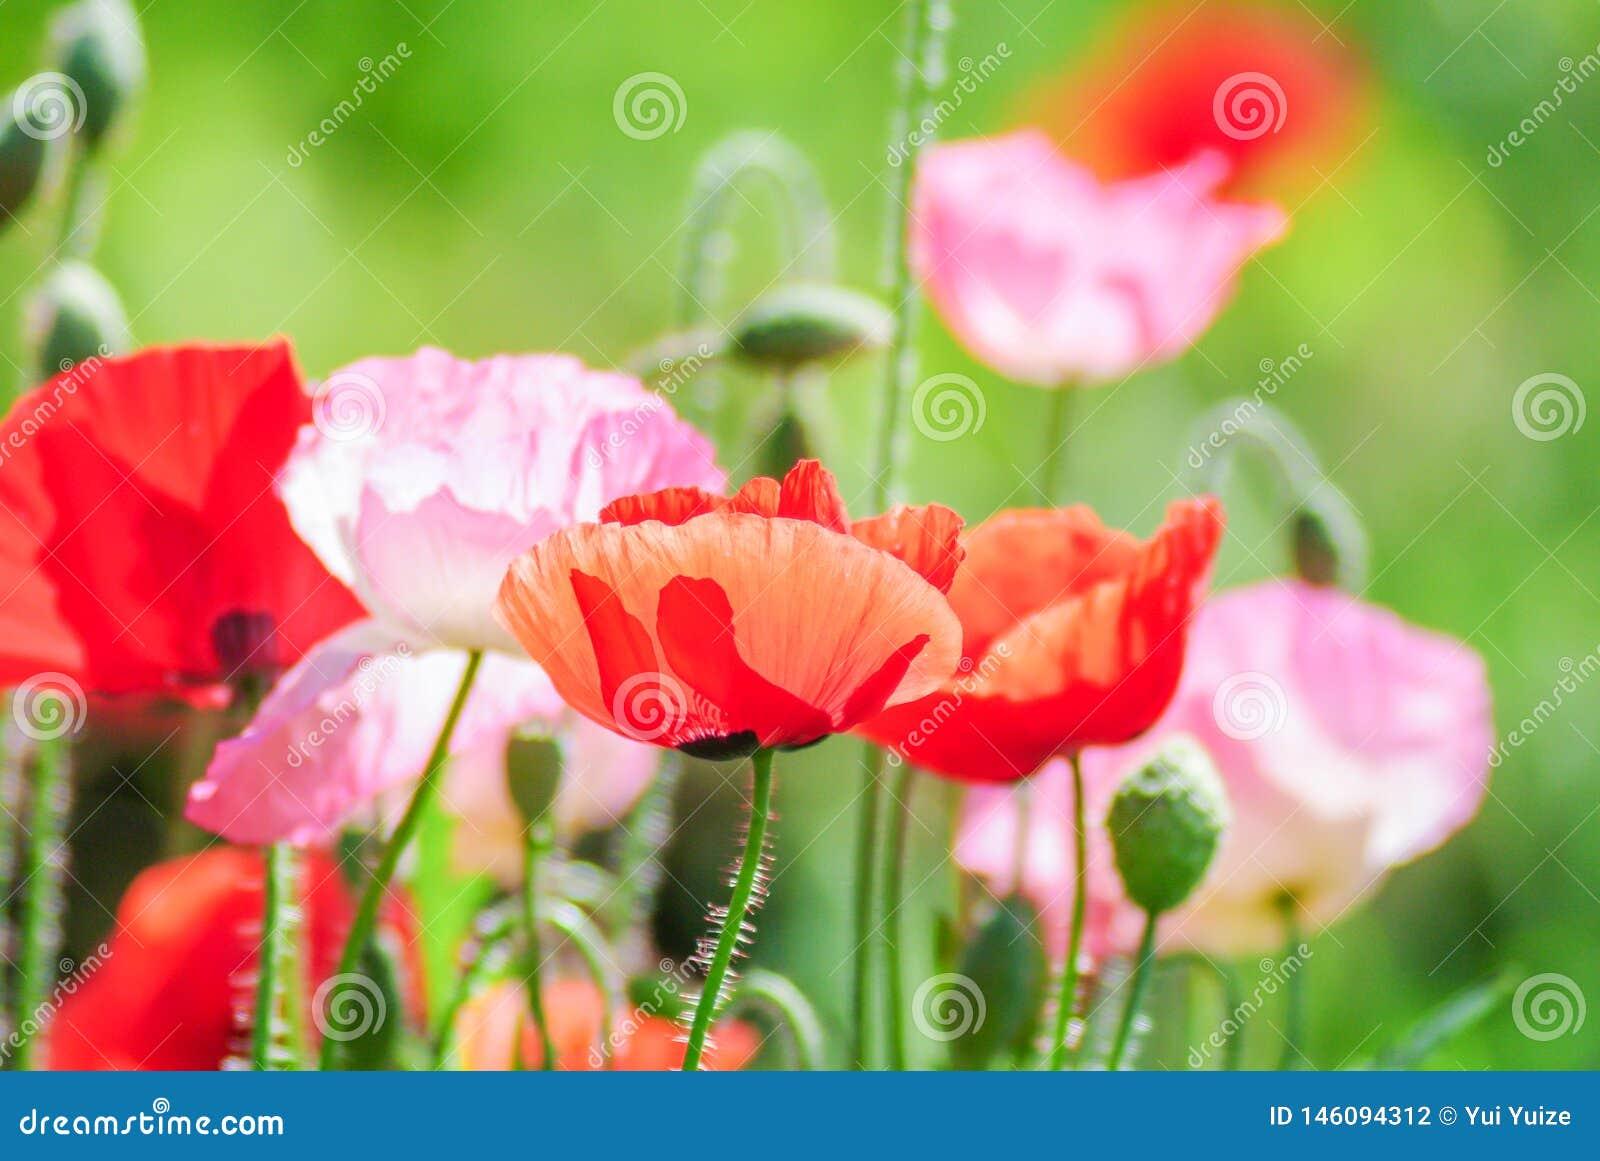 Κόκκινα και ρόδινα λουλούδια παπαρουνών σε έναν τομέα, κόκκινο papaver